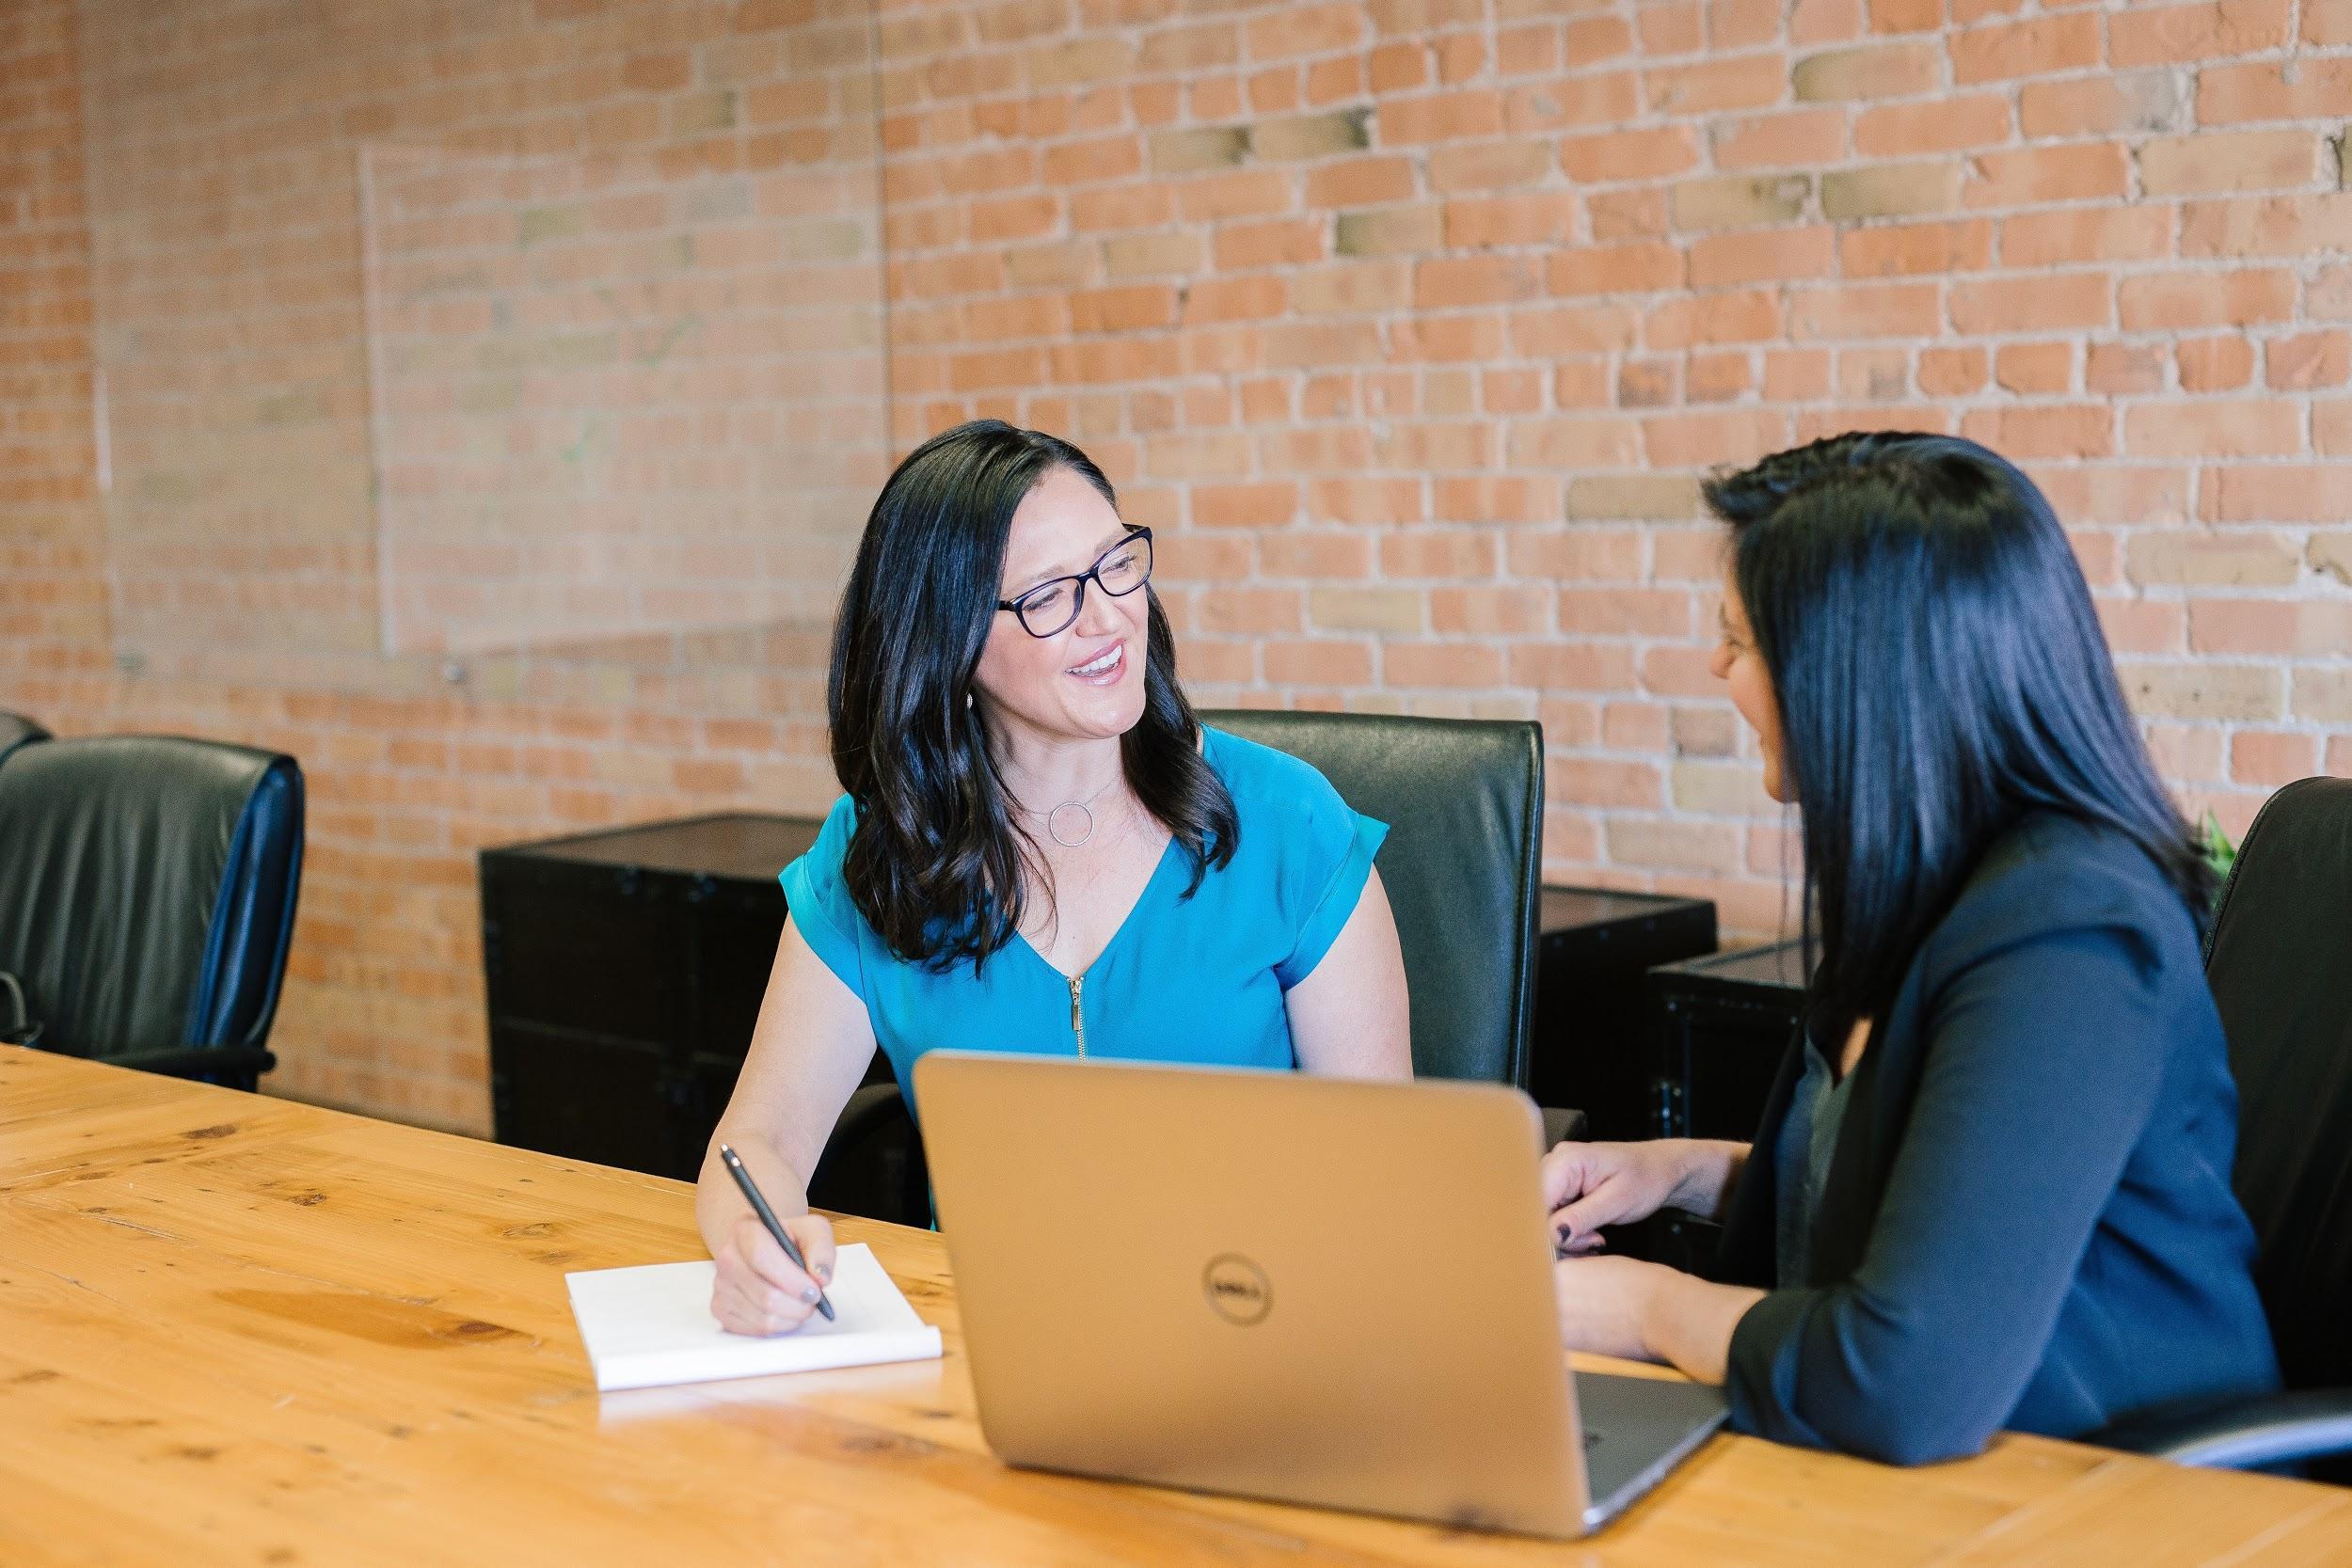 Two women talking by a desk